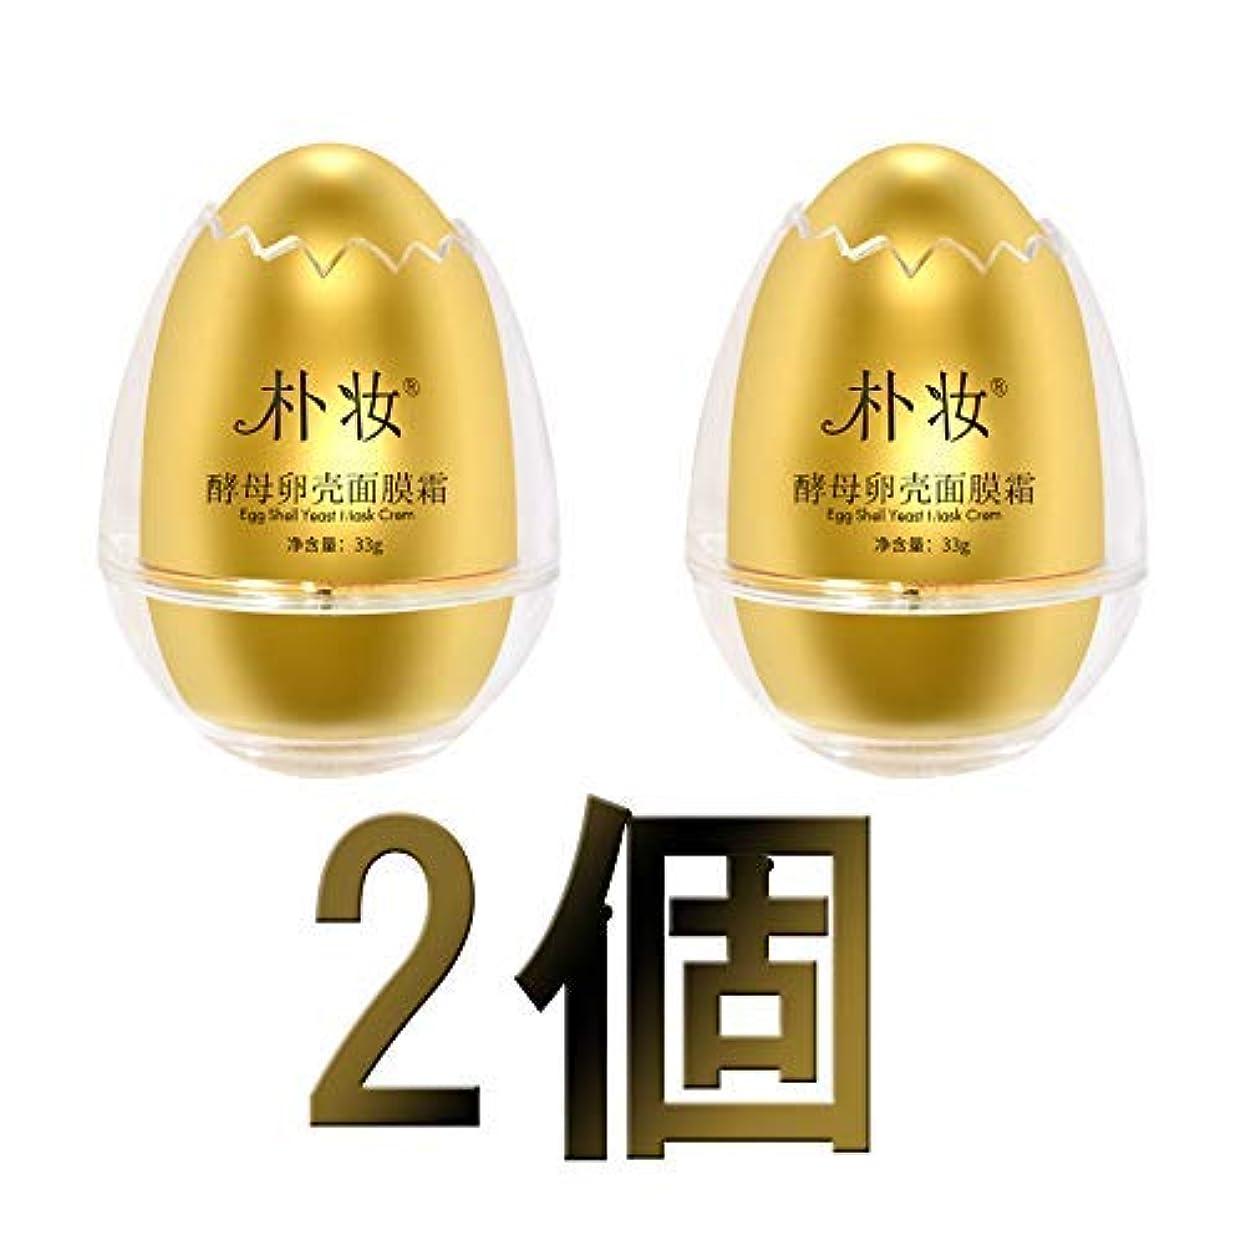 ファンブルギャングスターユーモア朴妆たんたんパックx2個 酵母卵殻マスククリーム33g しっとりと た肌,シュリンクポア,しわ耐性,肌を引っ張る、